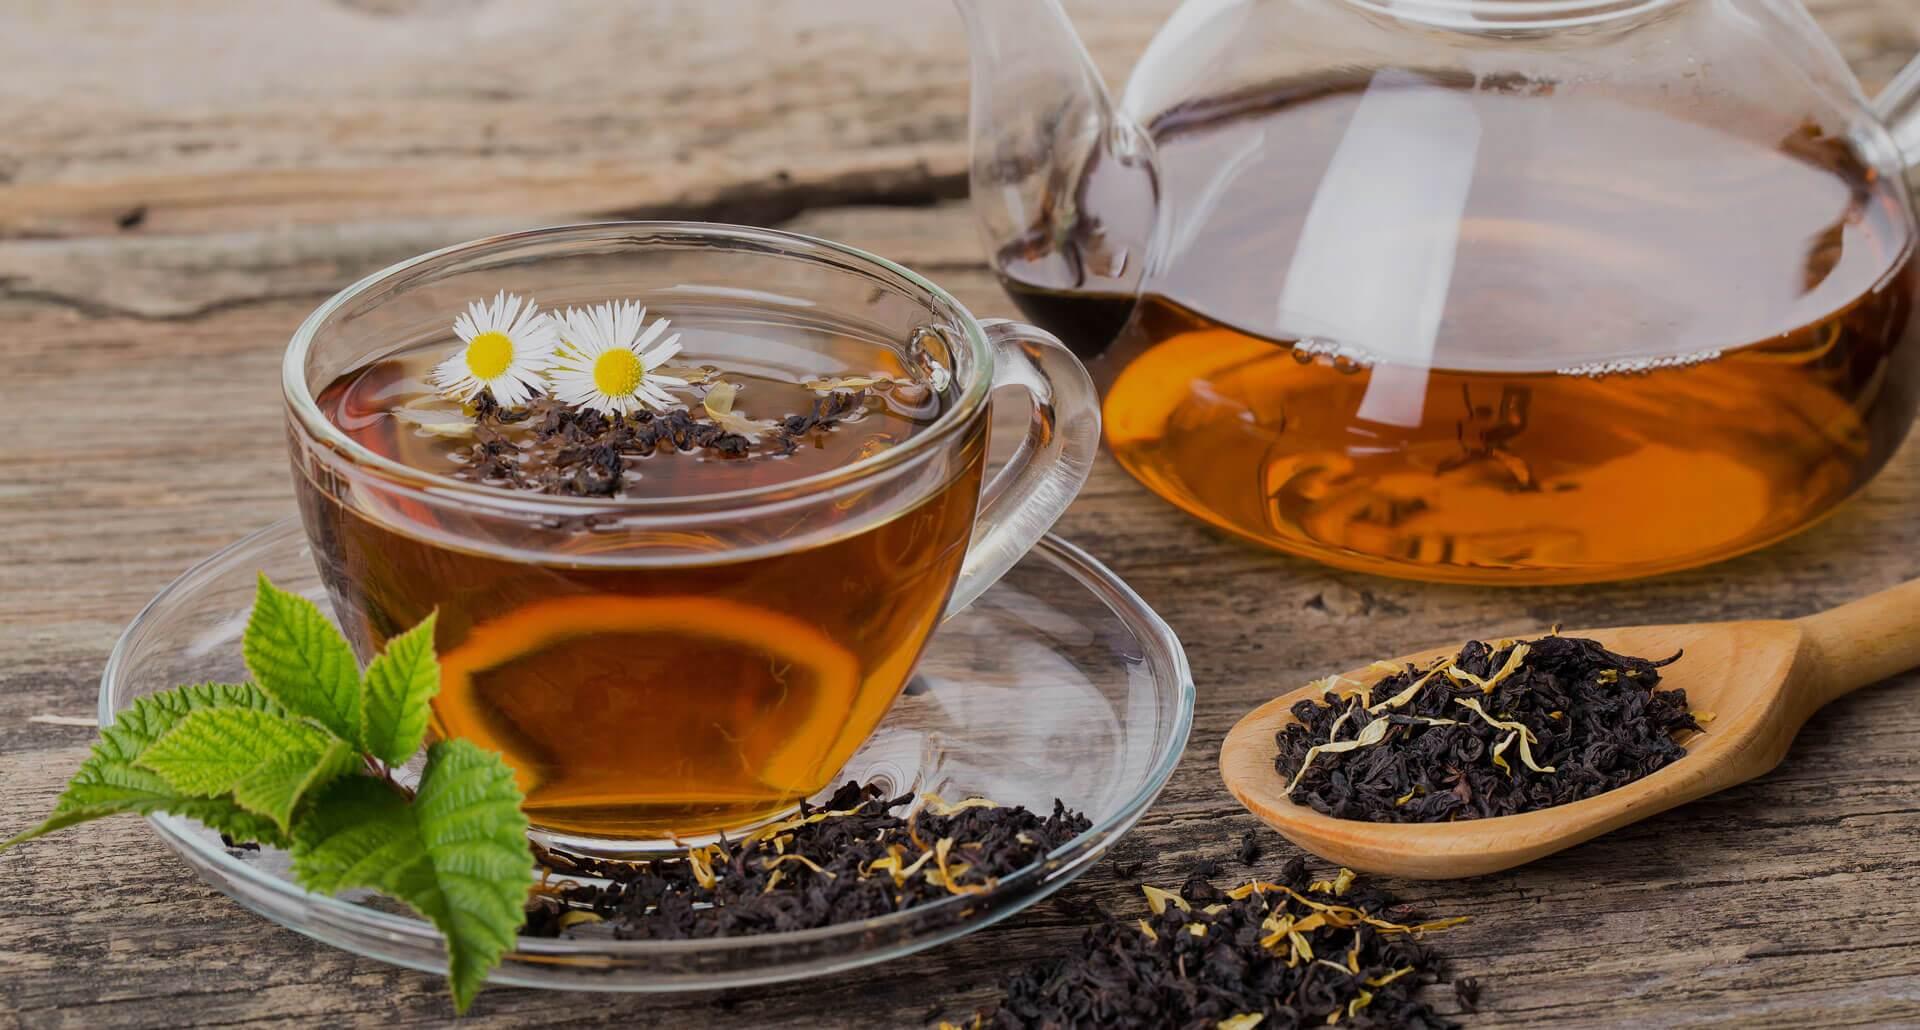 असंही म्हटलं जातं की, १ हजाराहून जास्त चहाचे प्रकार असून यात काळा, हिरवा, सफेद आणि पिवळ्या रंगाचा चहा फार प्रसिद्ध आहे.